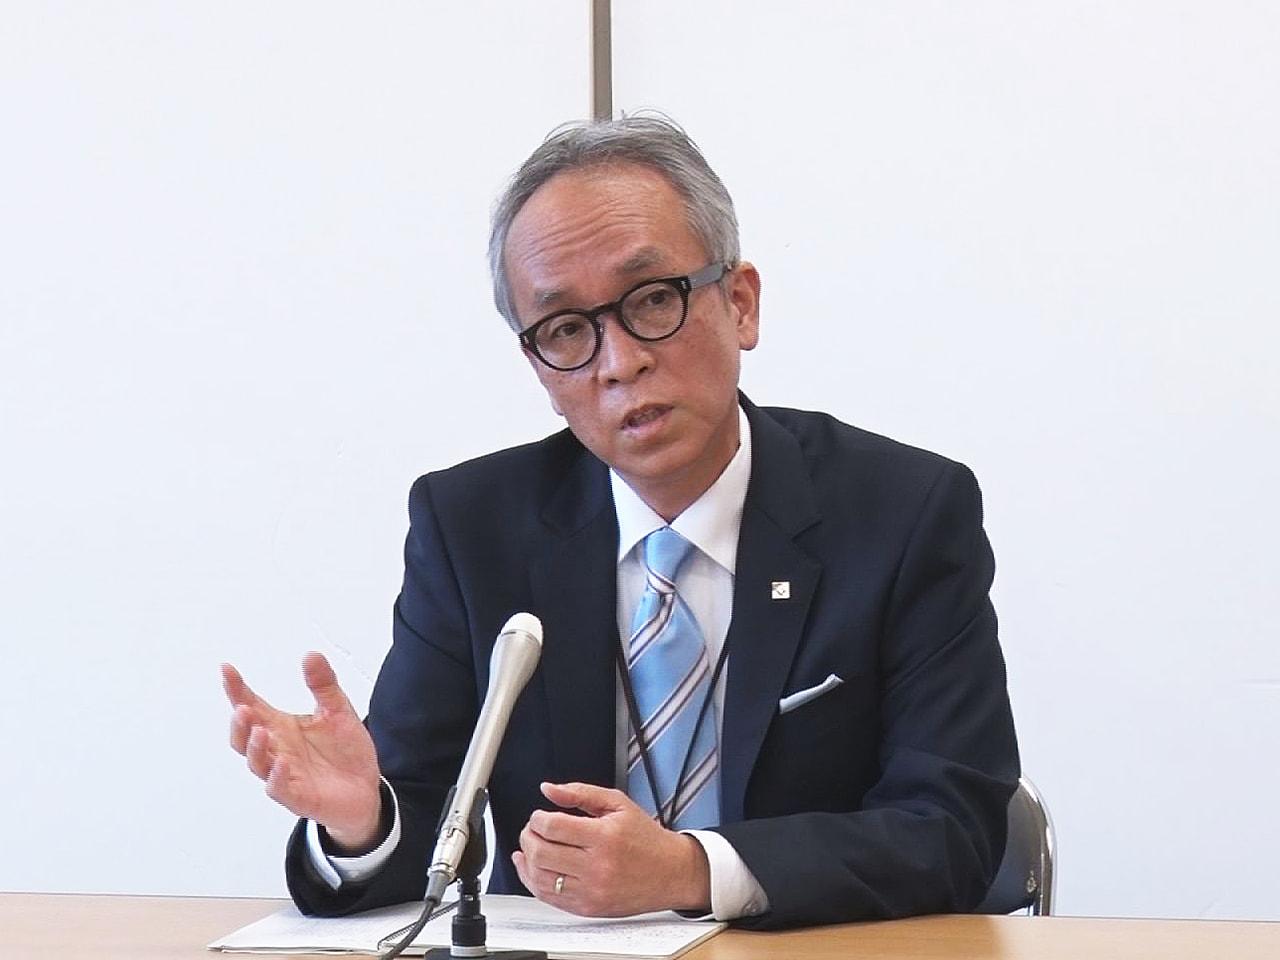 4月に岐阜県の新しい教育長に就任した堀貴雄さん(59)が会見し、「関係者との対話...